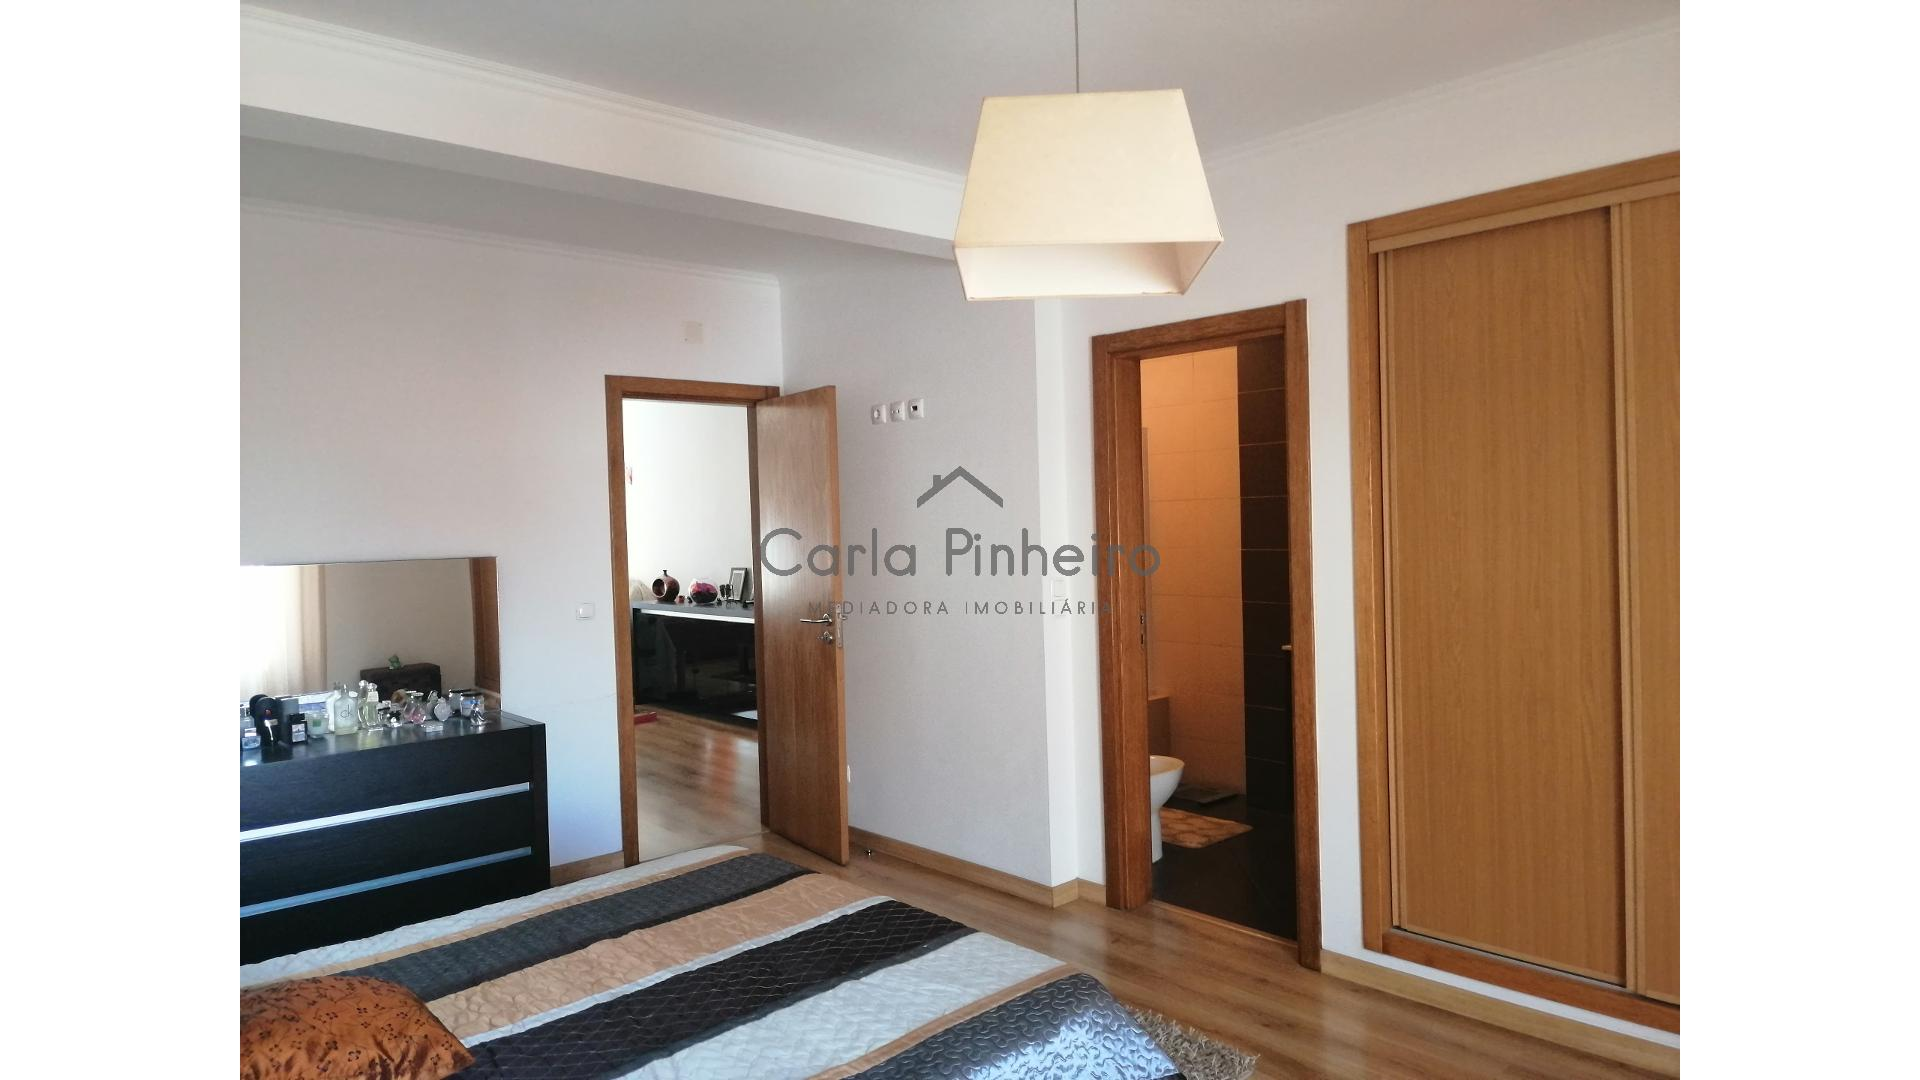 Apartamento T3 em Cercal  - Santiago Do Cacém, Cercal